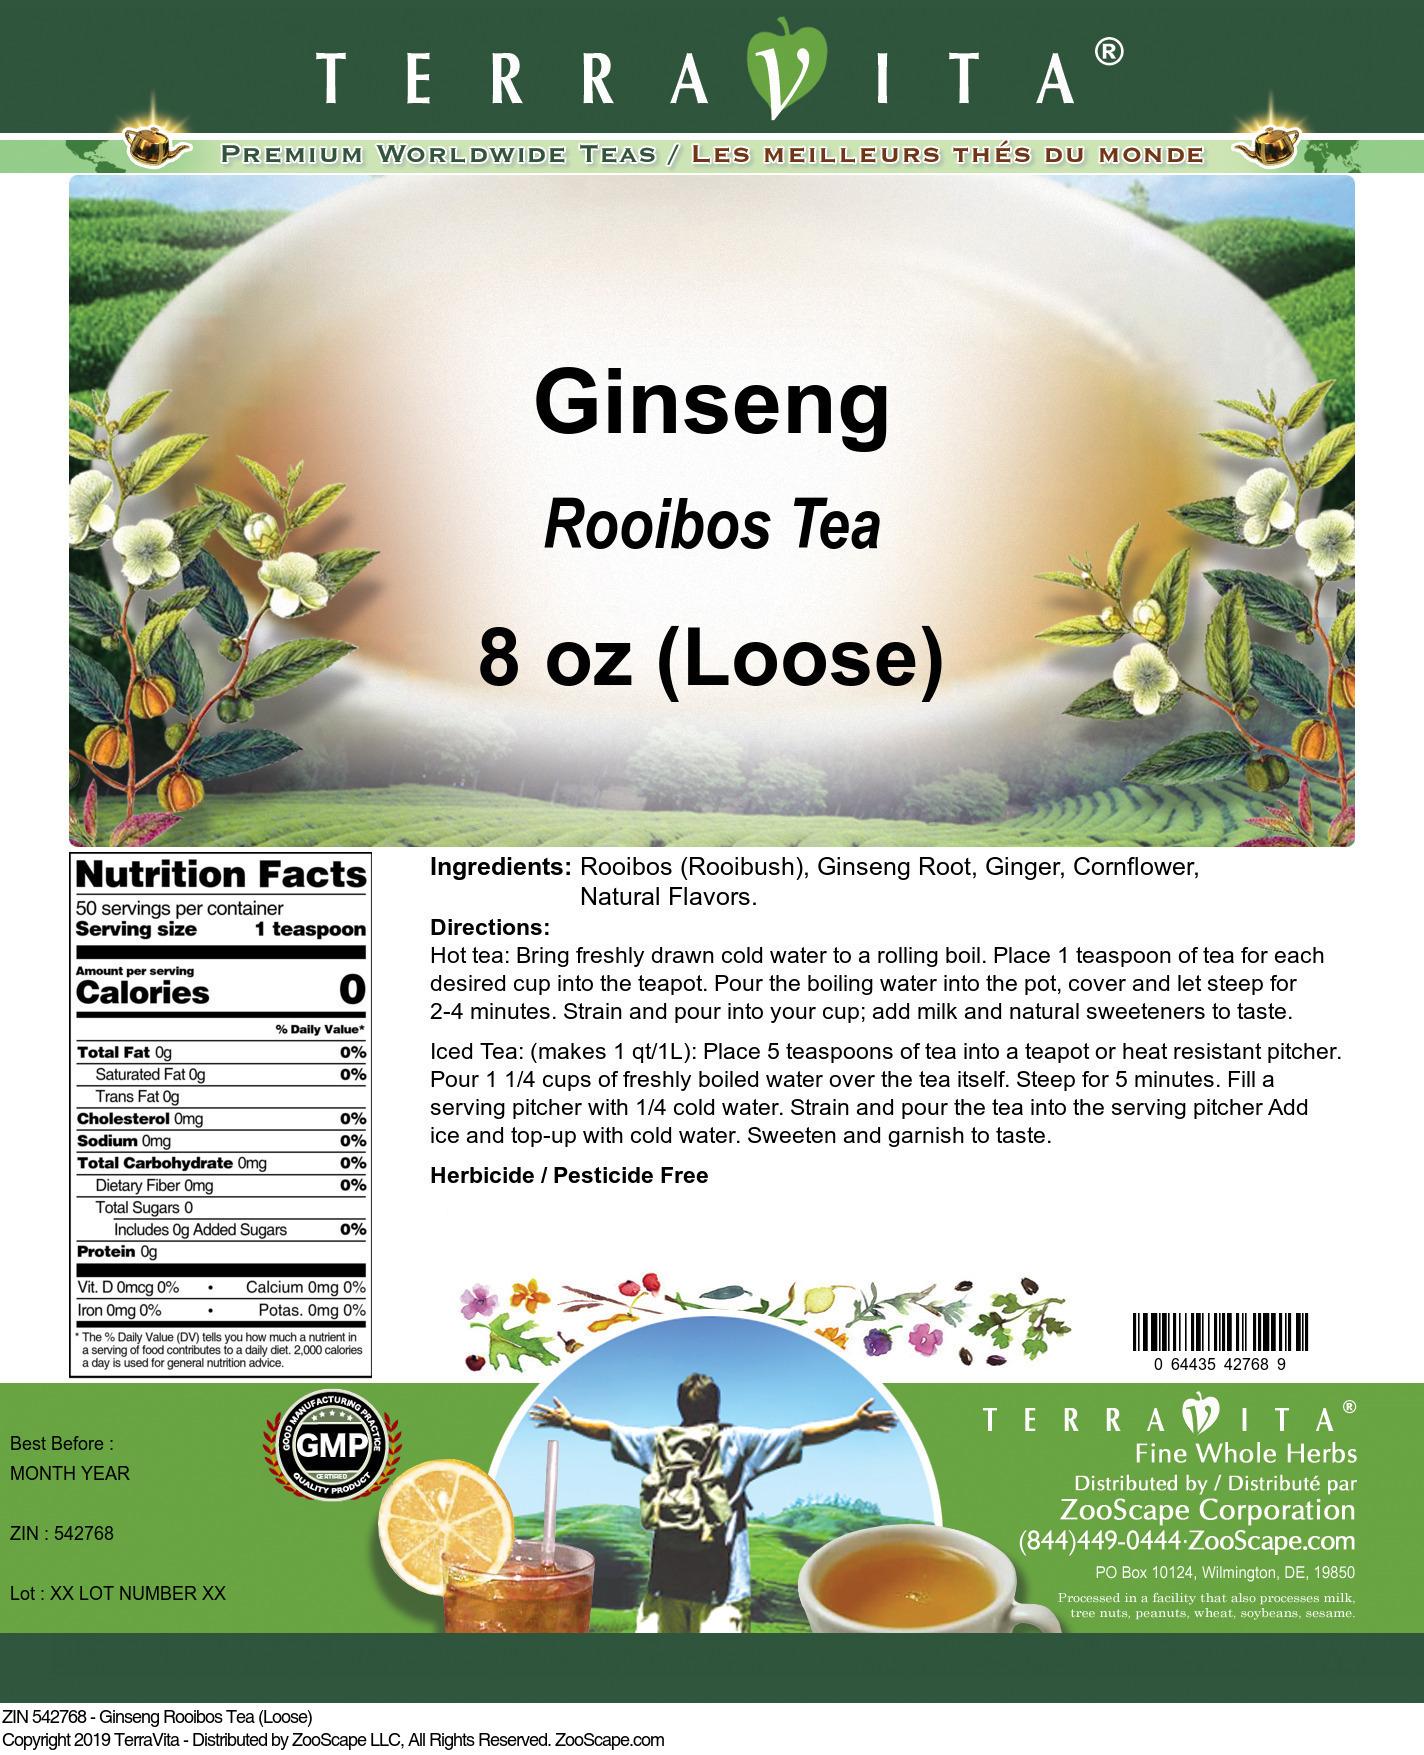 Ginseng Rooibos Tea (Loose)